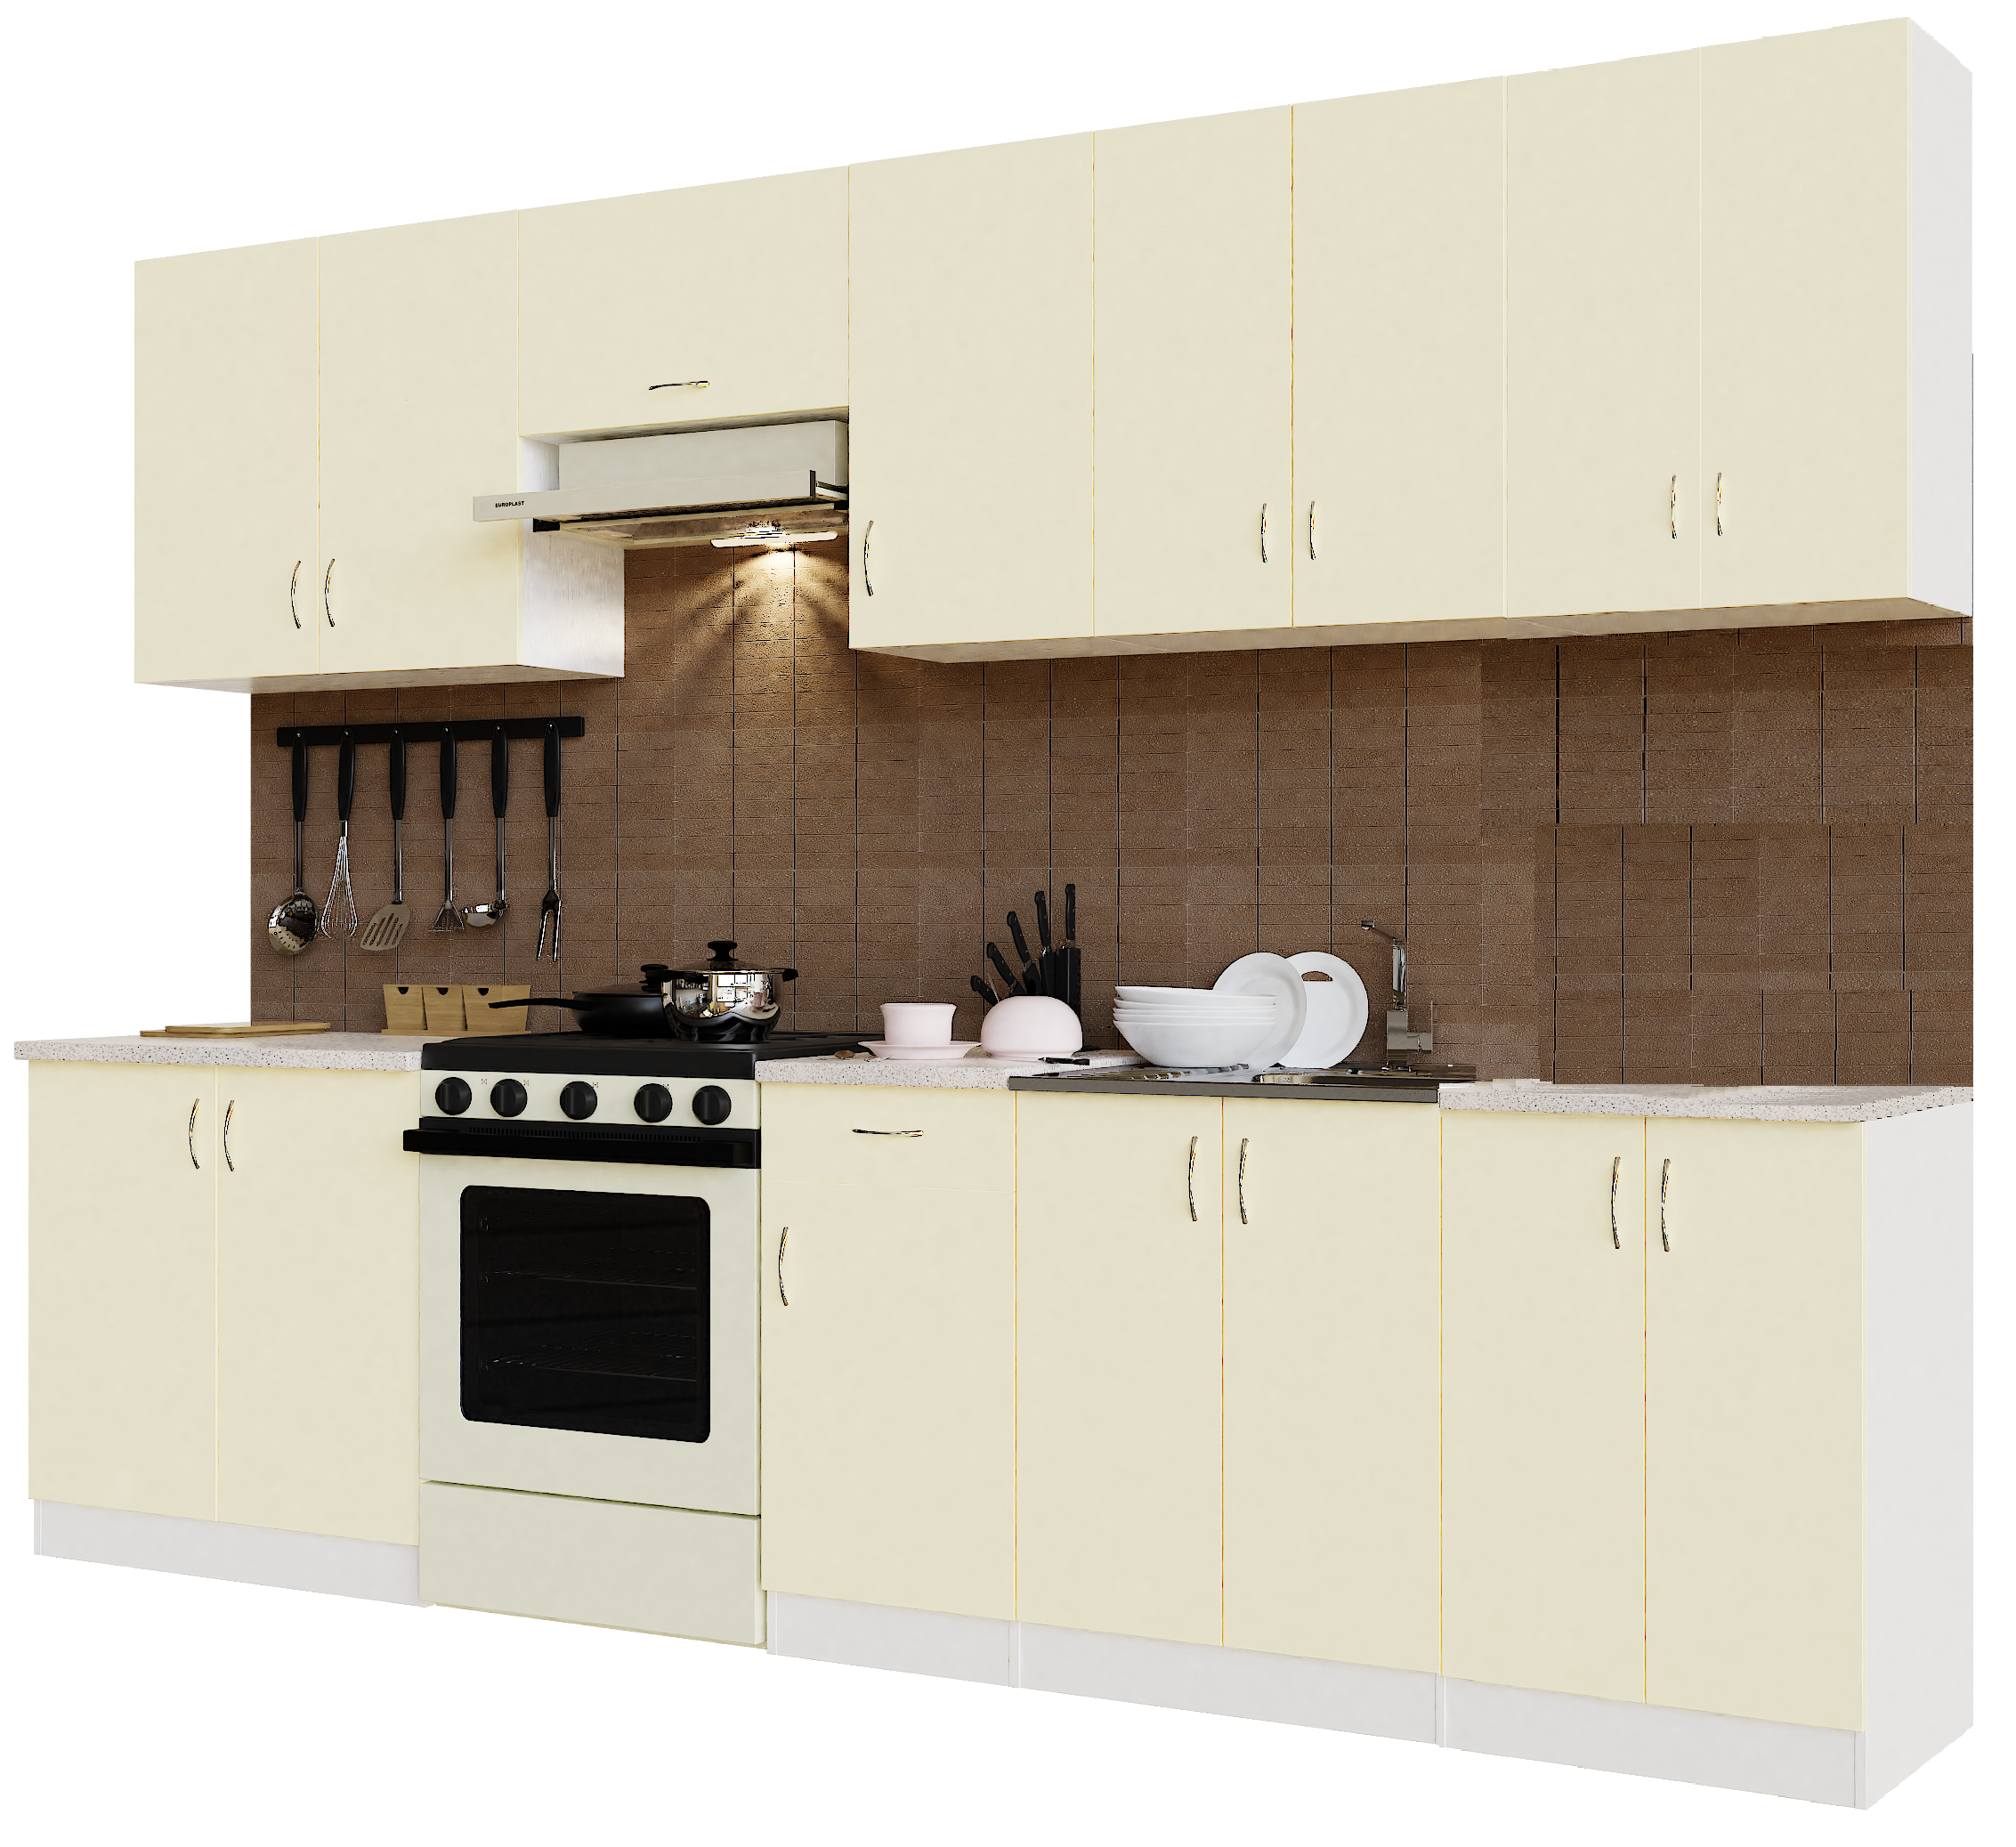 Кухонный гарнитур Sanvut ГК3000-5.6.2 Белый / Крем (гренобль)